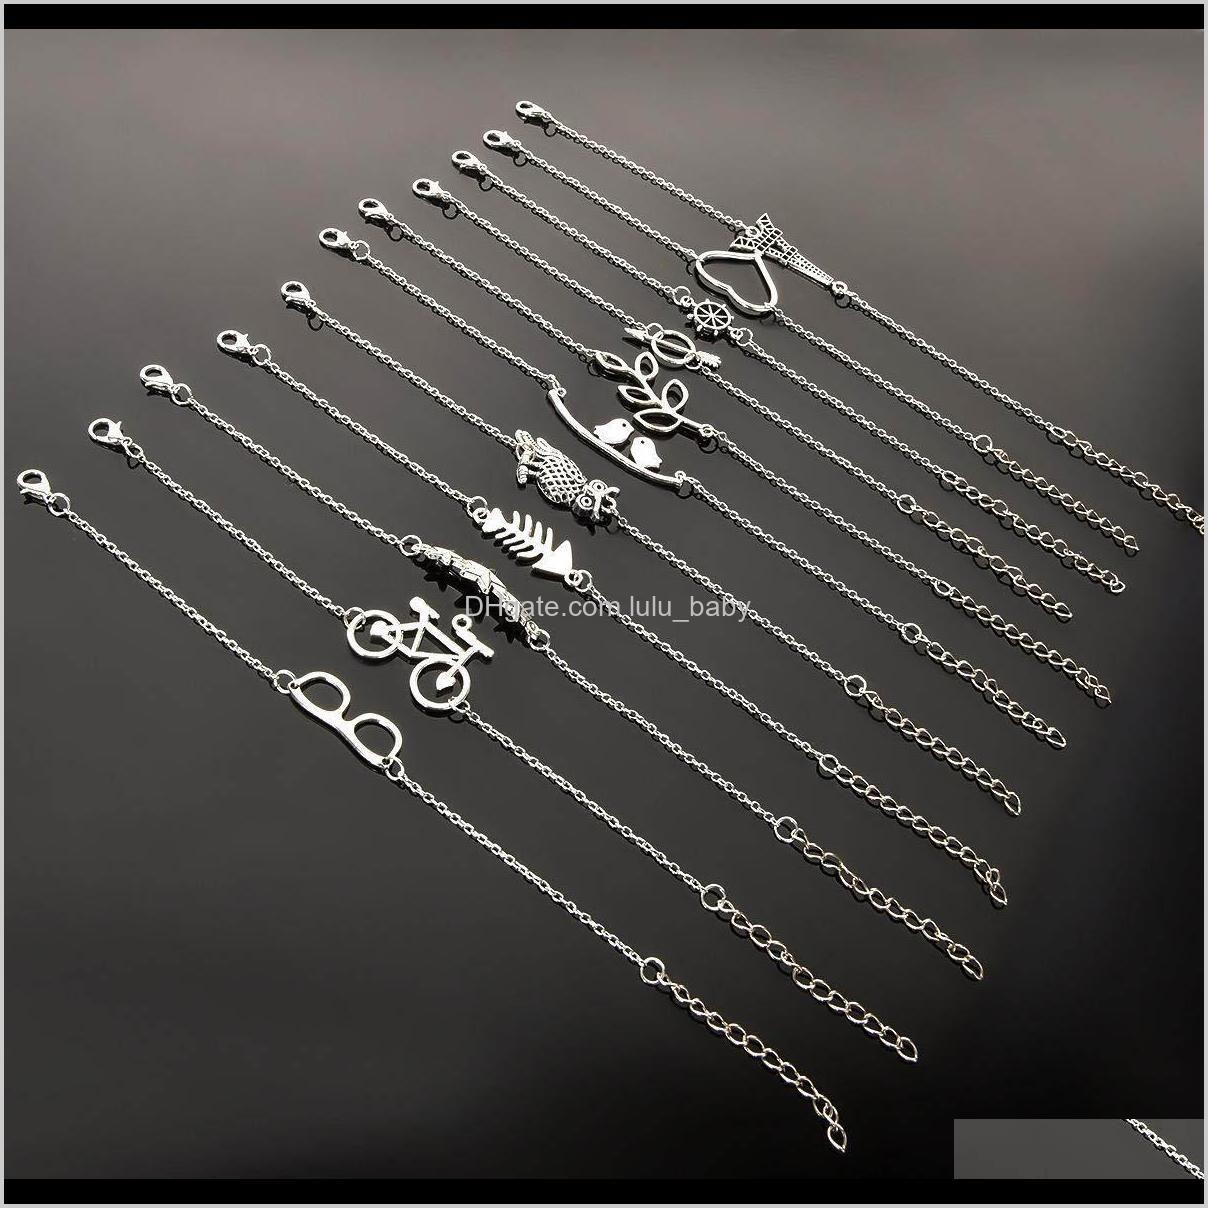 بسيطة الرجعية الكاحل سوار سلسلة الحب البومة ريشة handcuff دراجة نجمة خلخال سحر الأزياء والمجوهرات للنساء إسقاط q2z6j الخلخال 5mknx